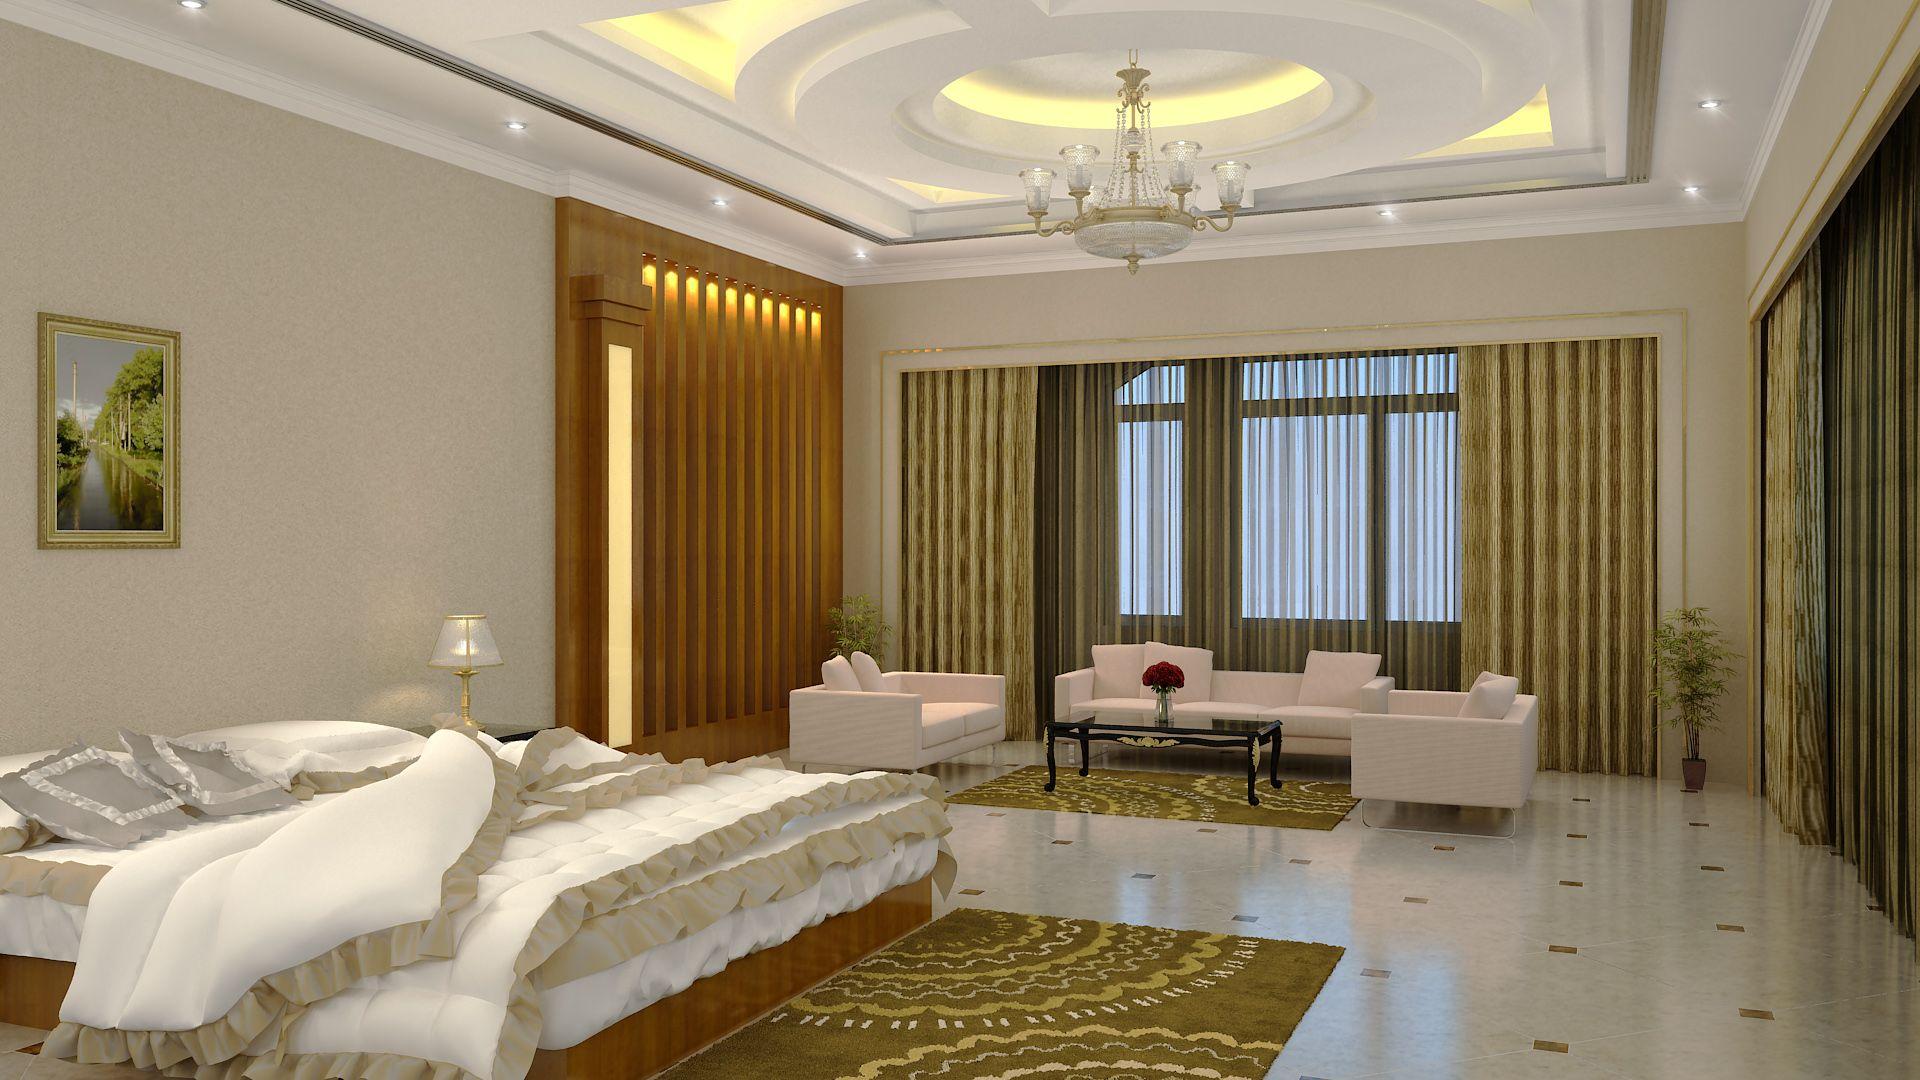 الأناقة ما هي إلا أسلوب اجعل غرفتك تتباهى بأناقتها بوضعك ثريا كلاسيكية في وسط غرفة جلوسك وأظهر لجميع ضيو Perfect Bedroom Bedroom Vintage Curtains With Blinds